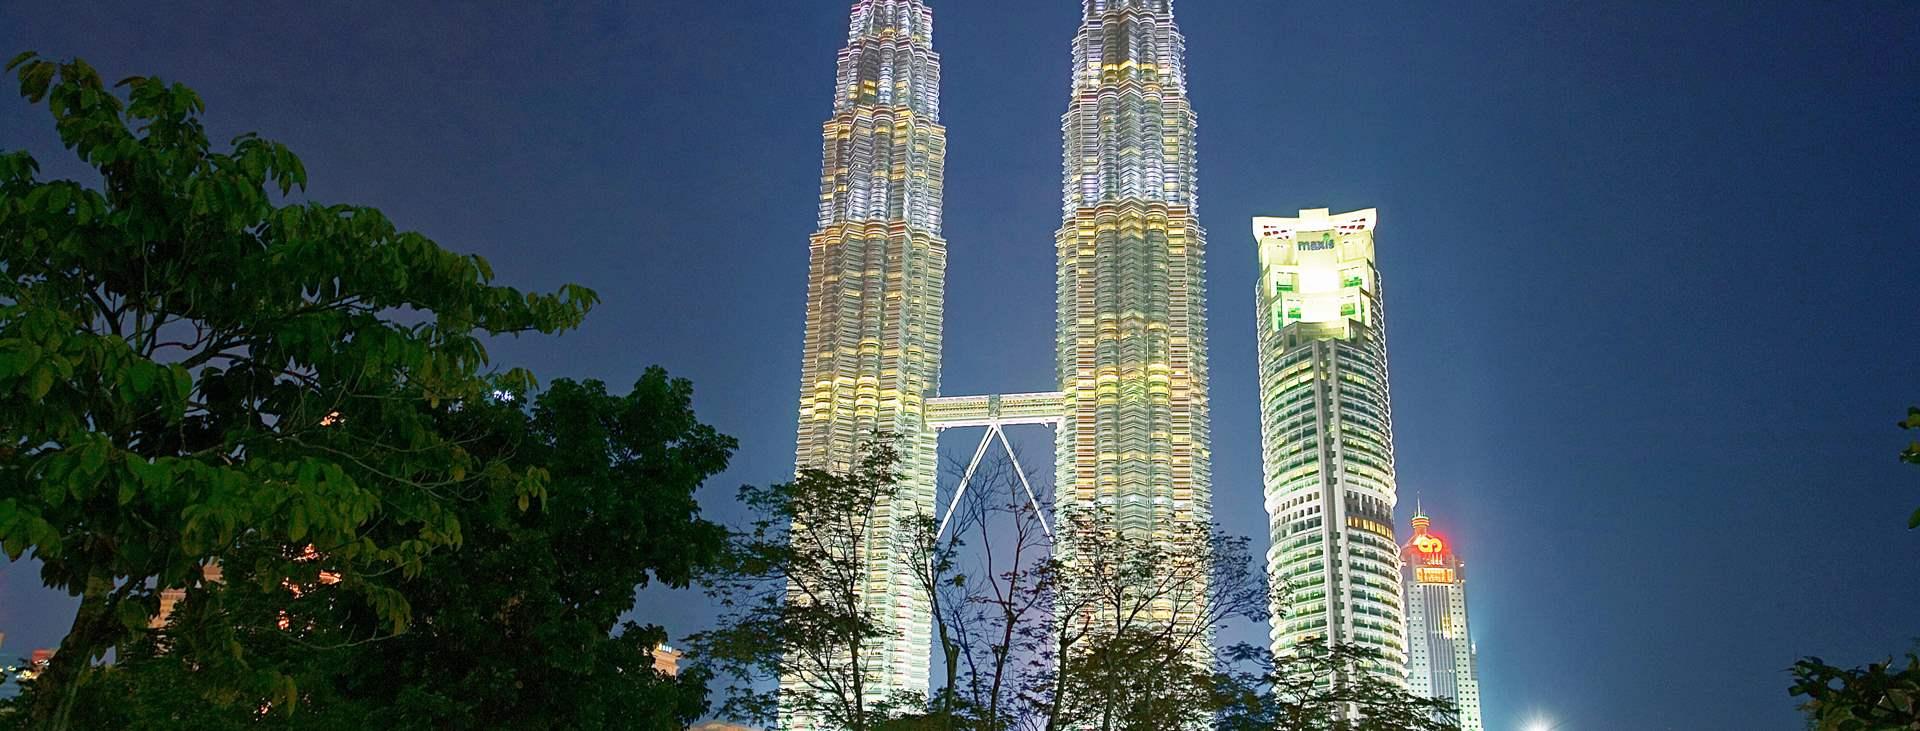 Bestill din reise til Kuala Lumpur i Malaysia med Ving